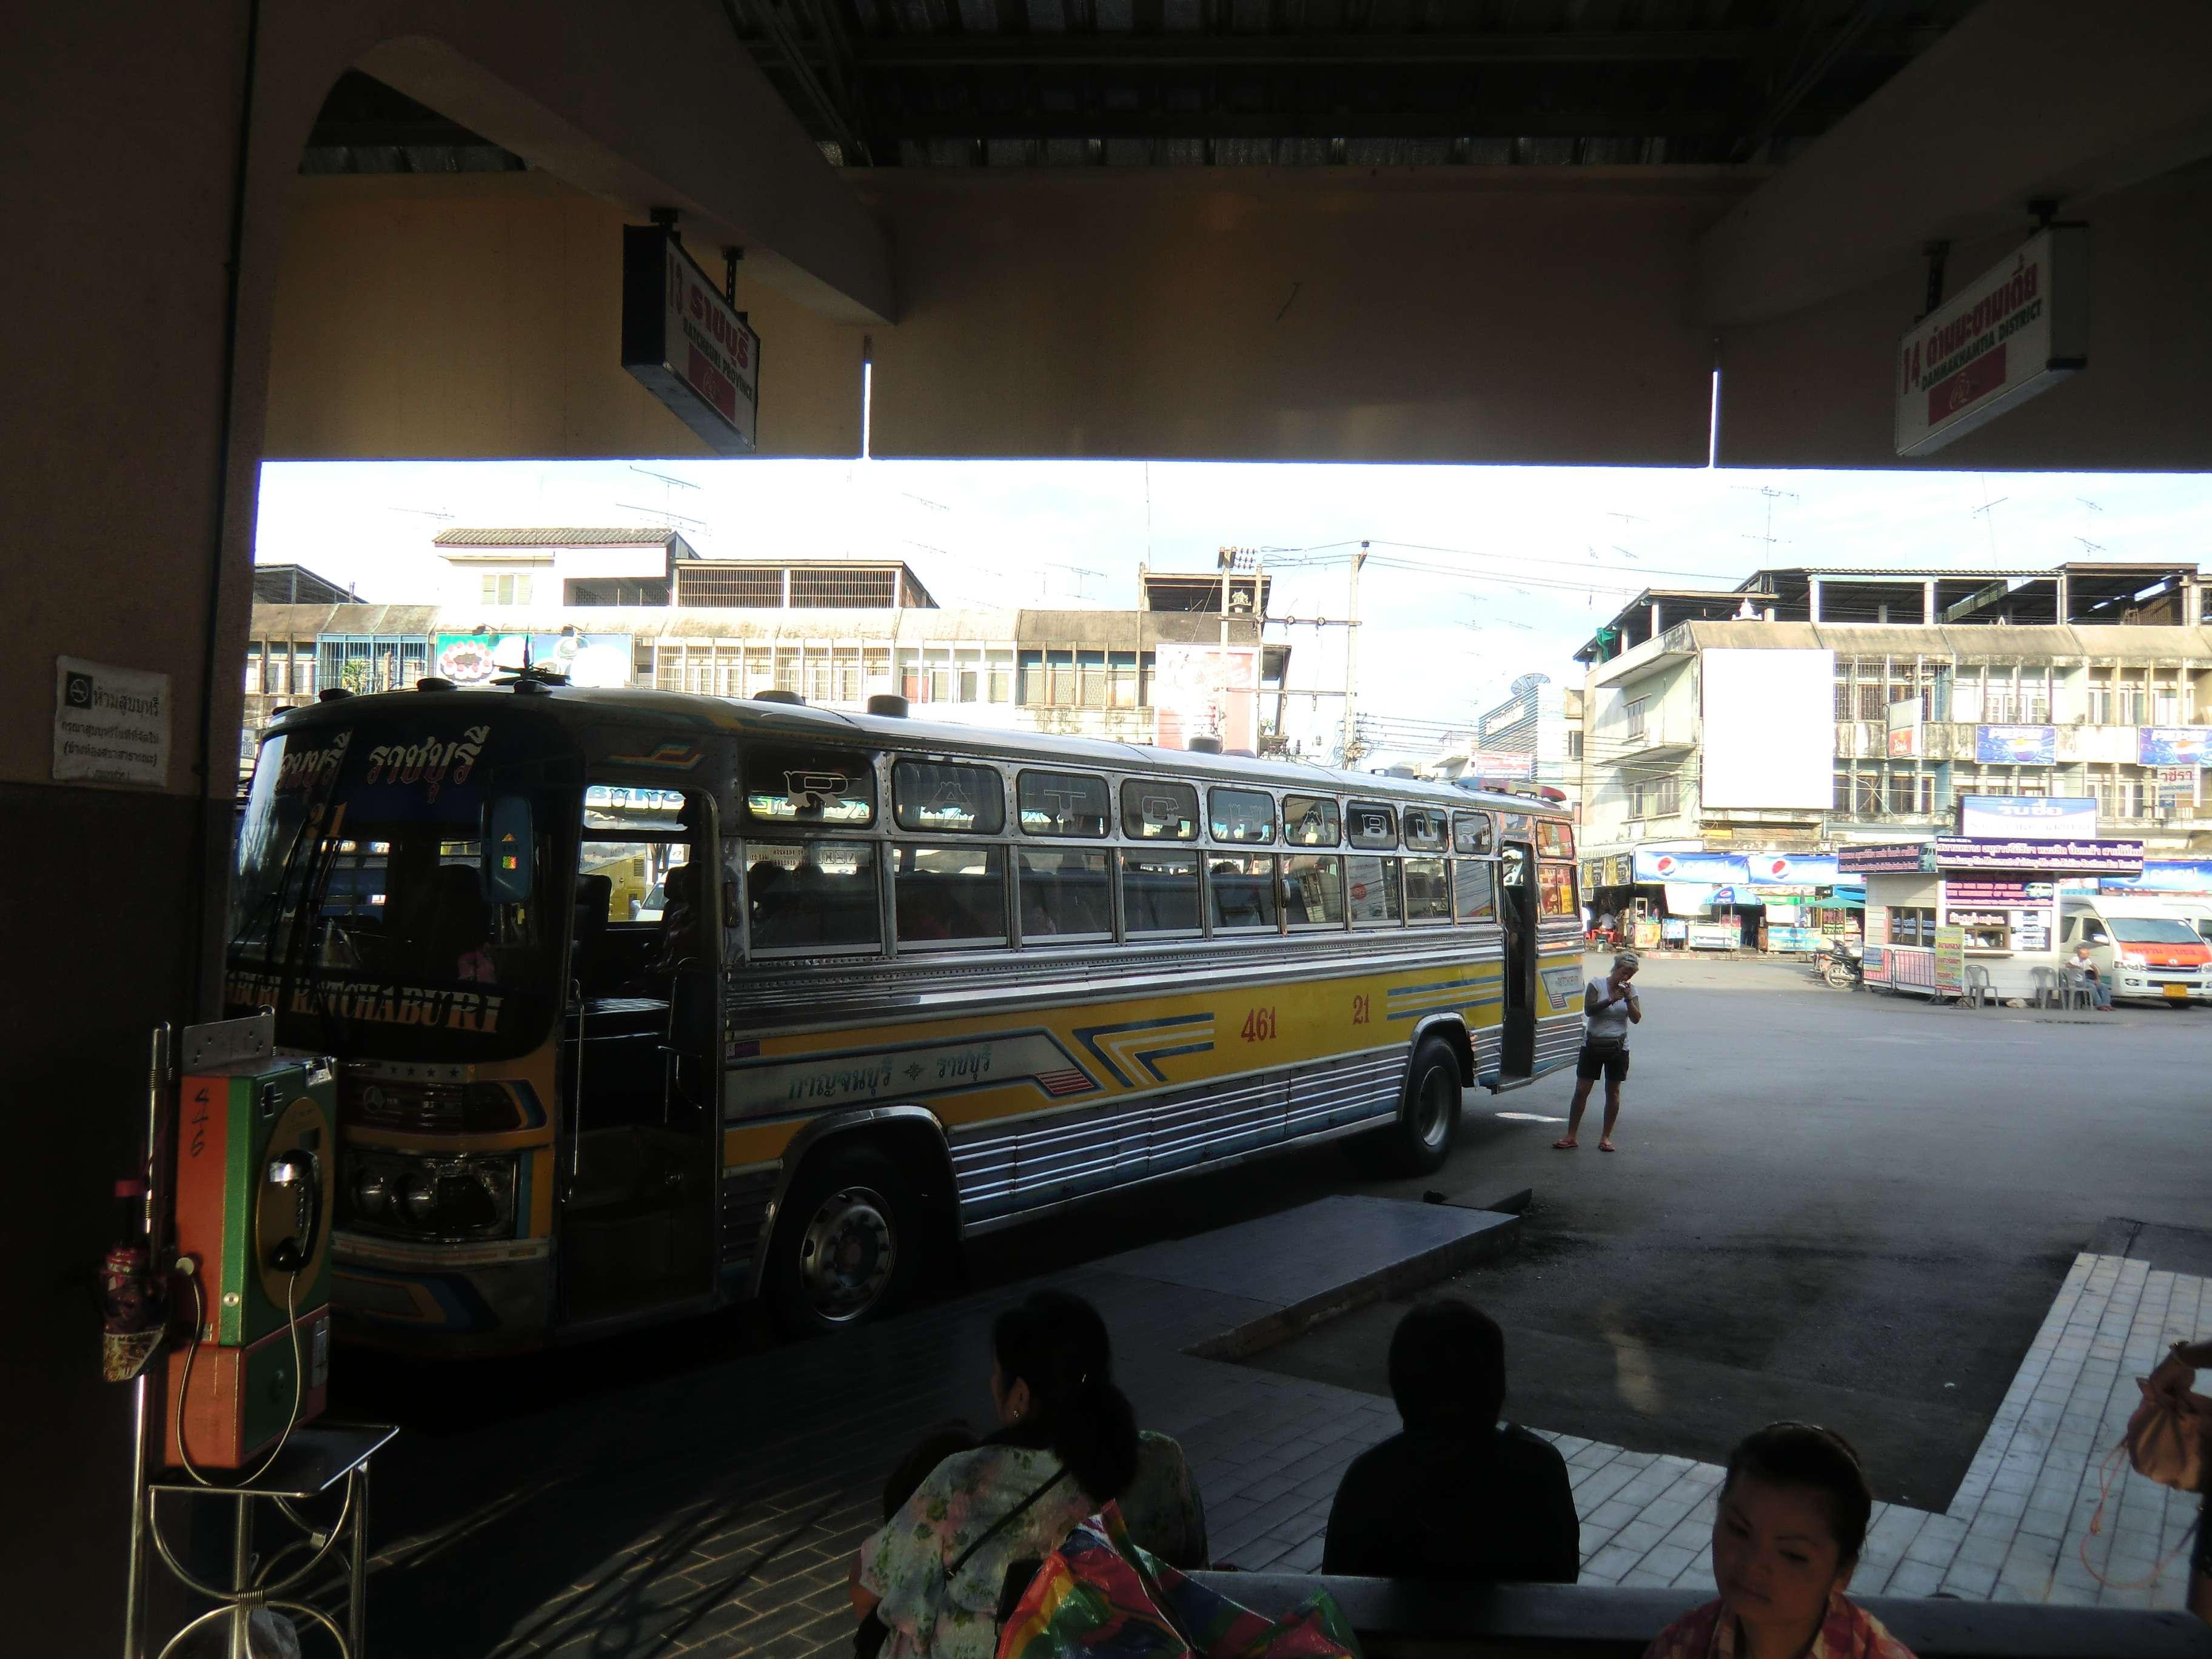 wieder mal ein Bild von unserem Bus